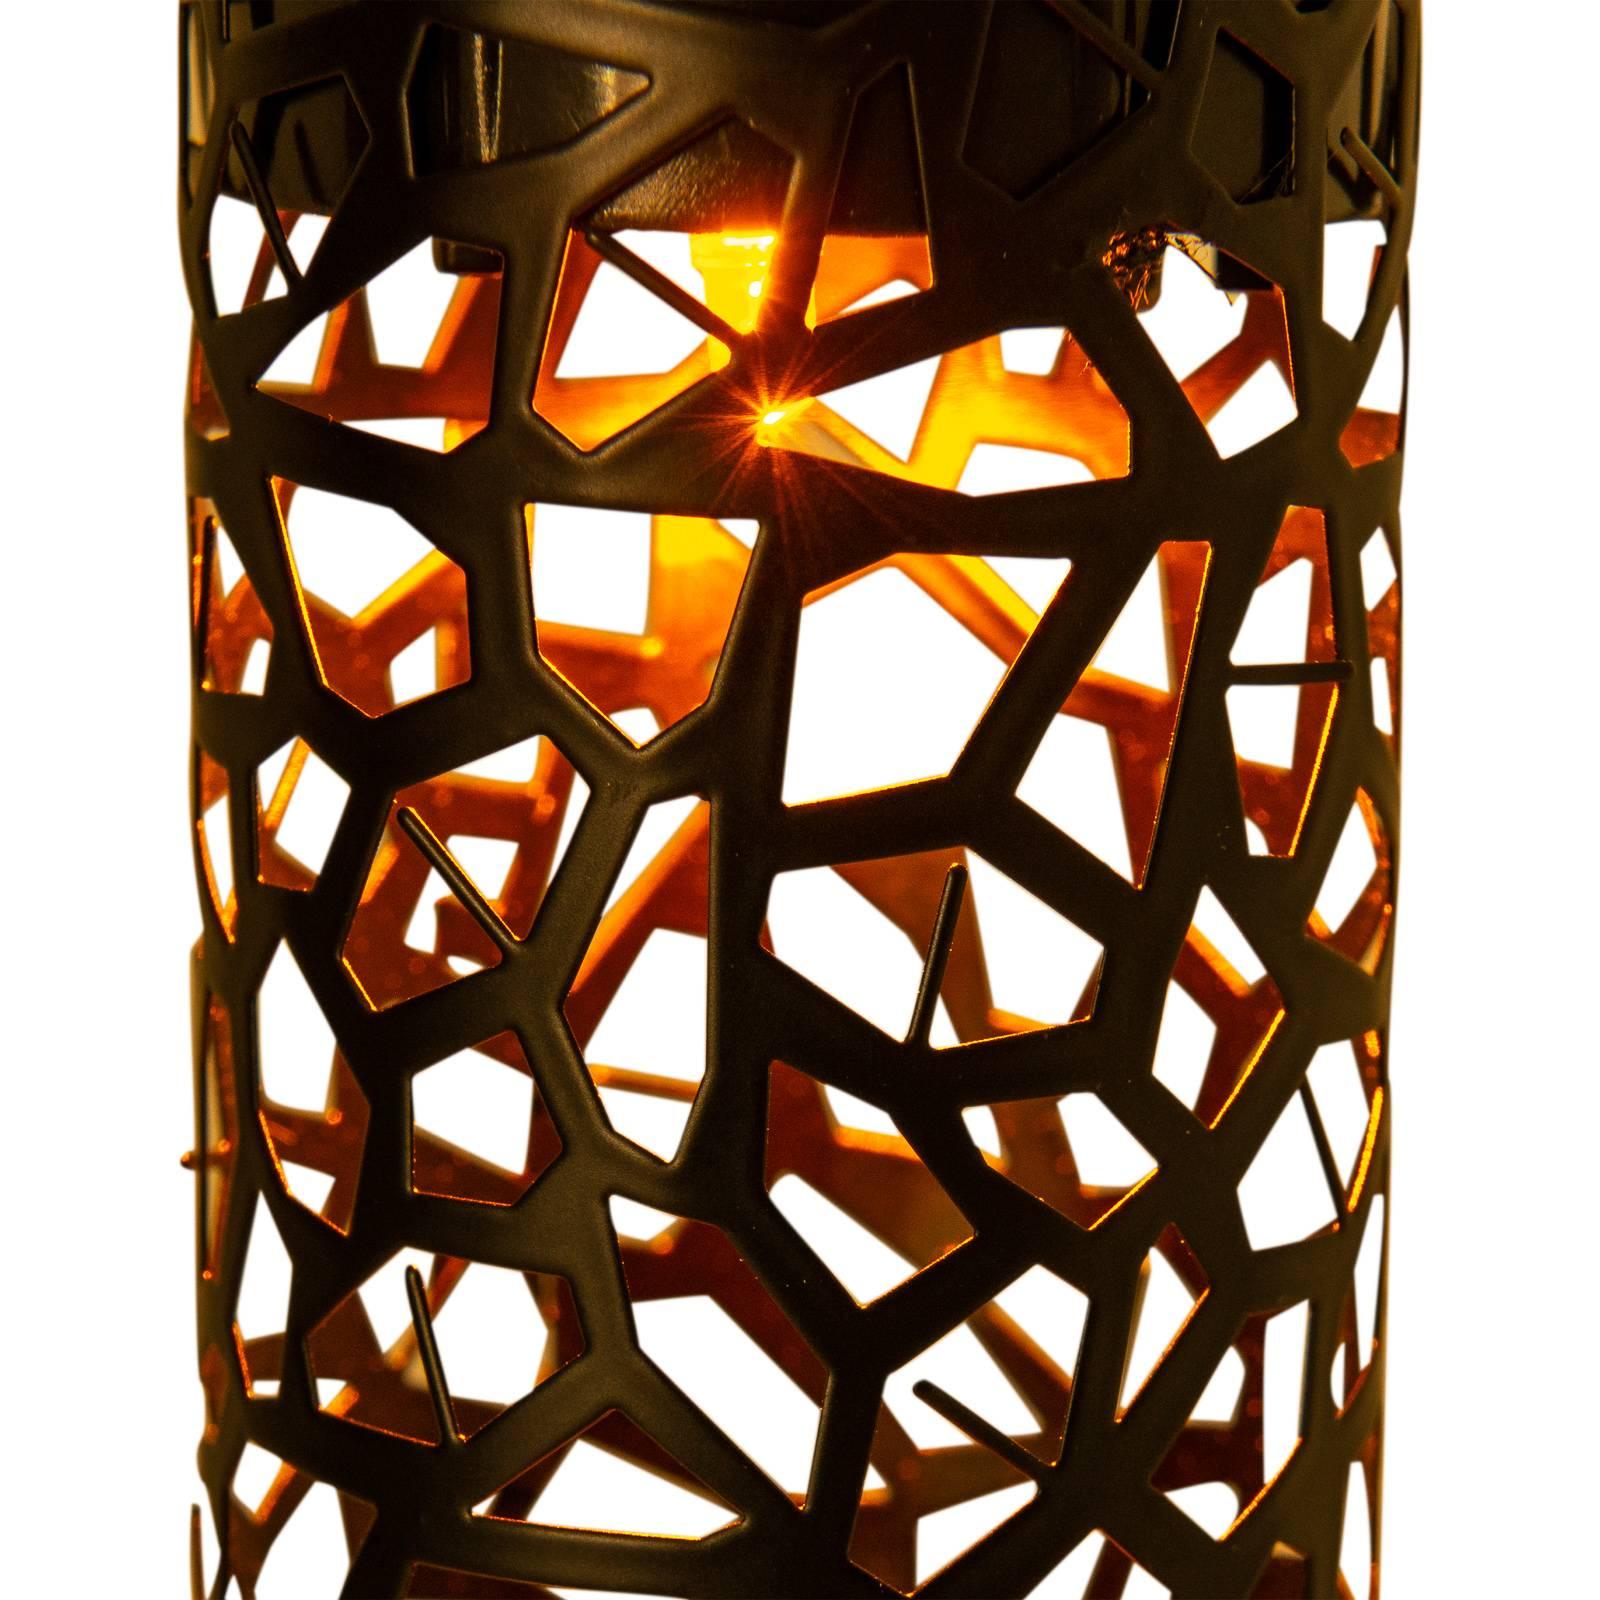 Aurinkokäyttöinen LED-lamppu 4132822, 3 kpl